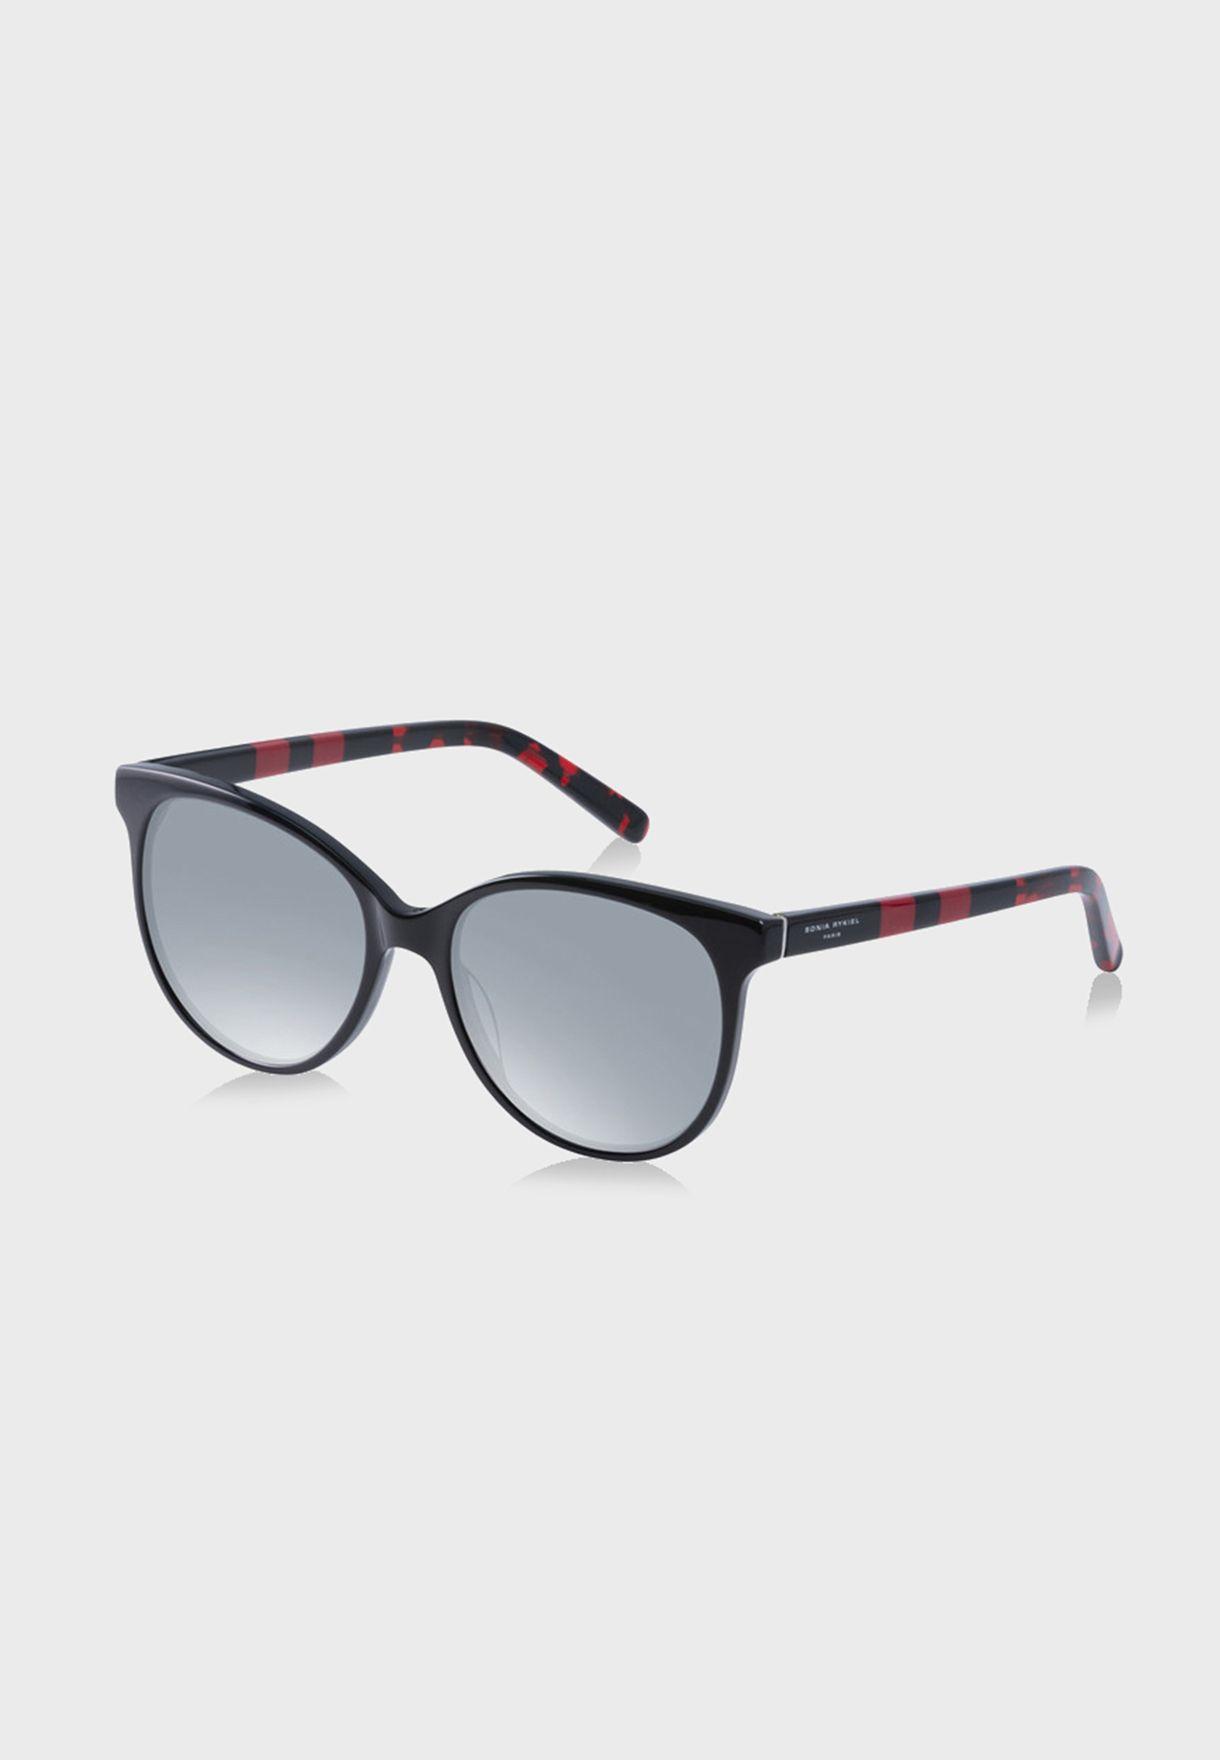 L SR776803 Square Sunglasses